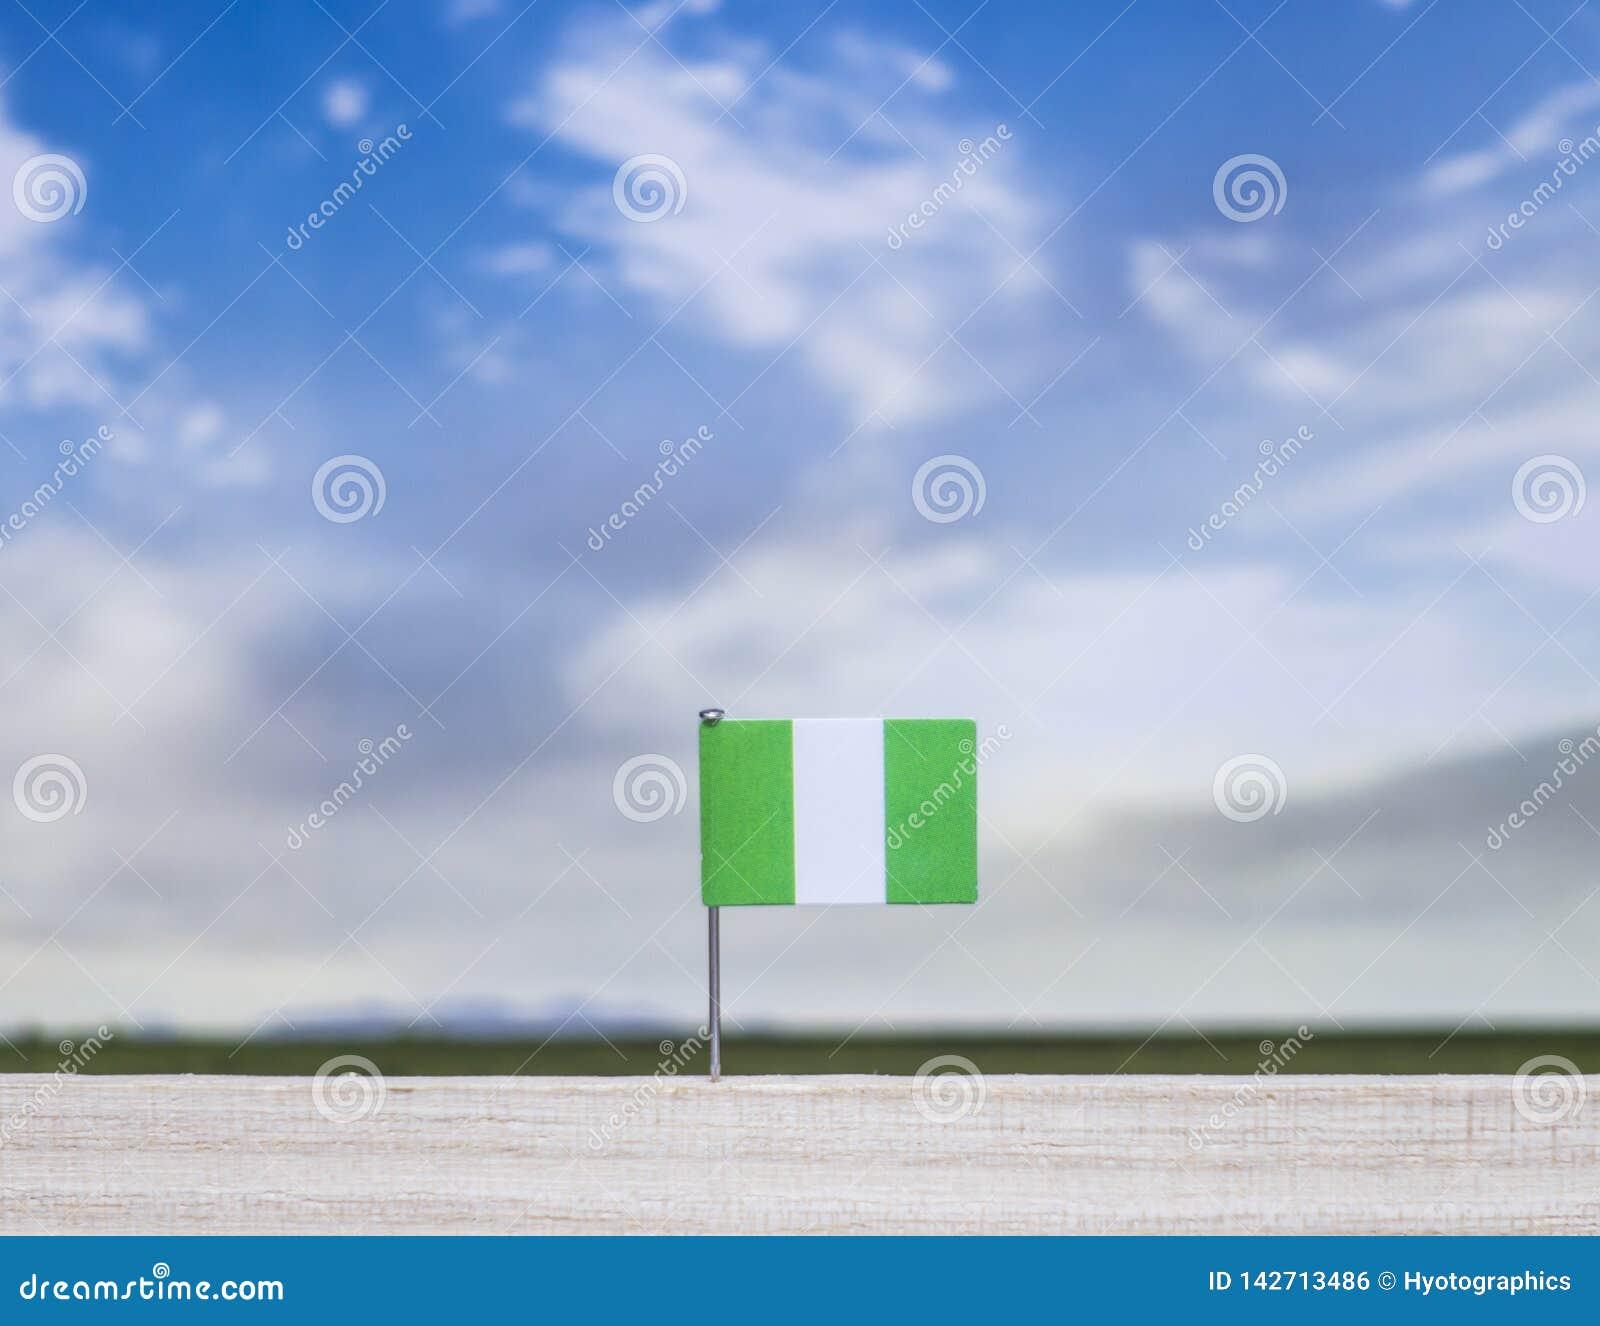 Nigerische Flagge mit beträchtlicher Wiese und blauer Himmel hinter ihm